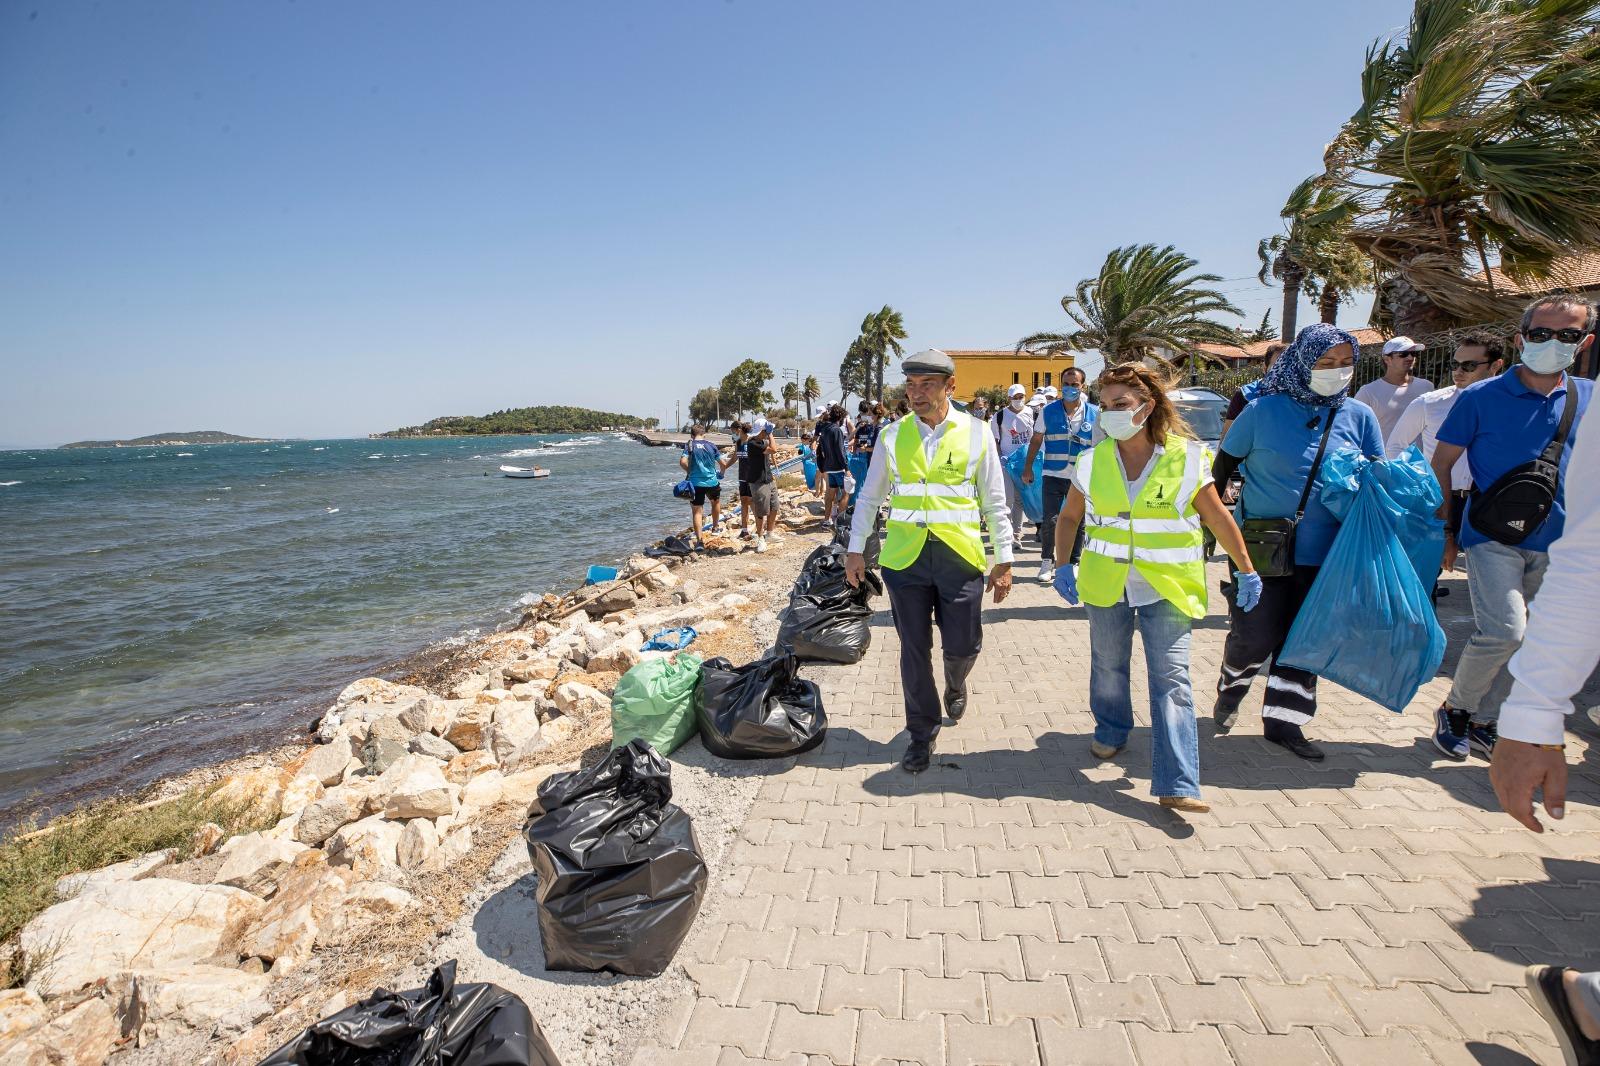 İzmir Büyükşehir Belediye Başkanı Soyer, Gönüllülerle Urla'nın Kıyı Şeridinde Atık Topladı